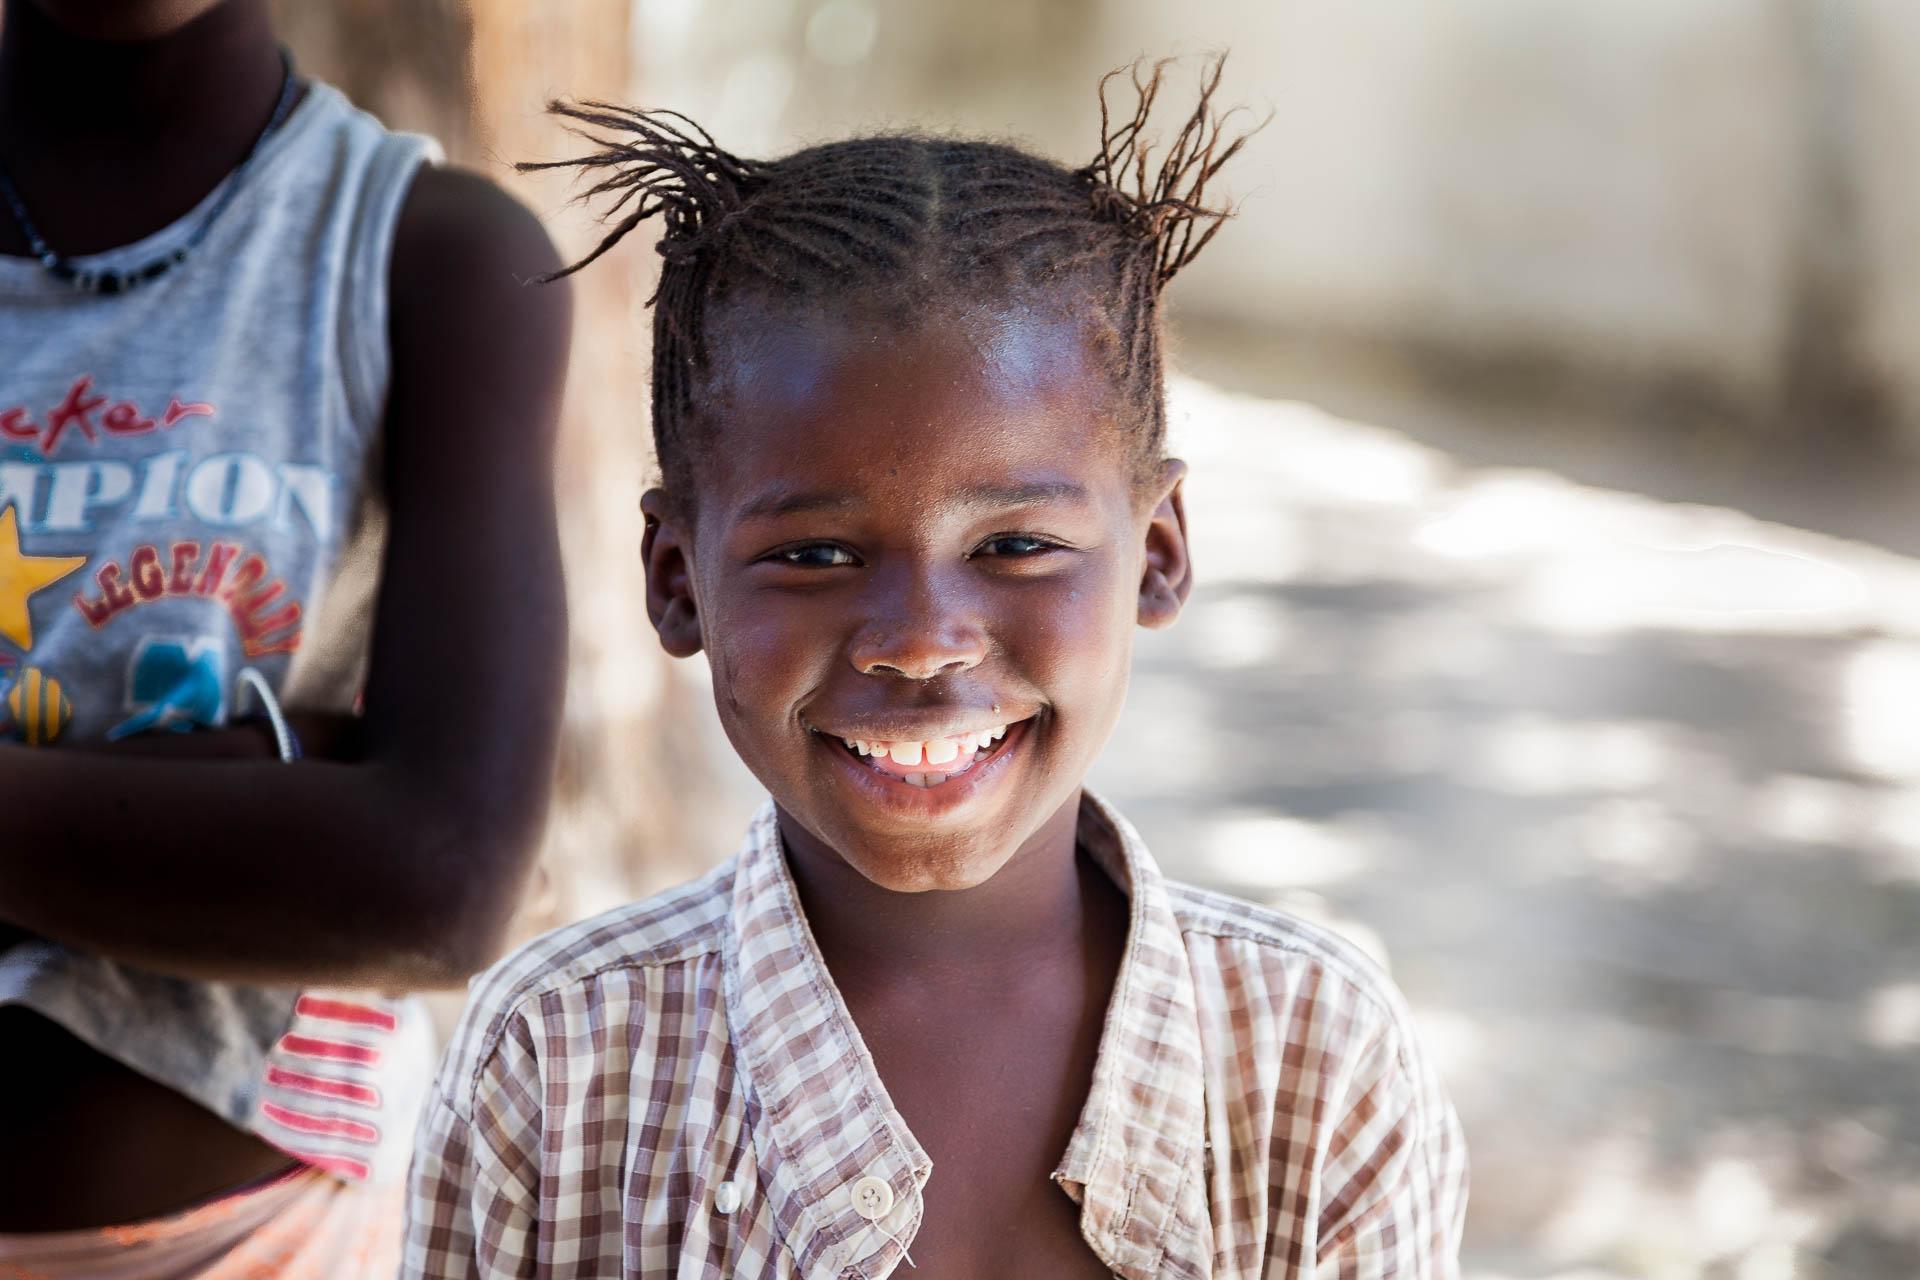 Eines der vielen lachenden Kinder die uns waehrend des Aufenthalts begegnen.